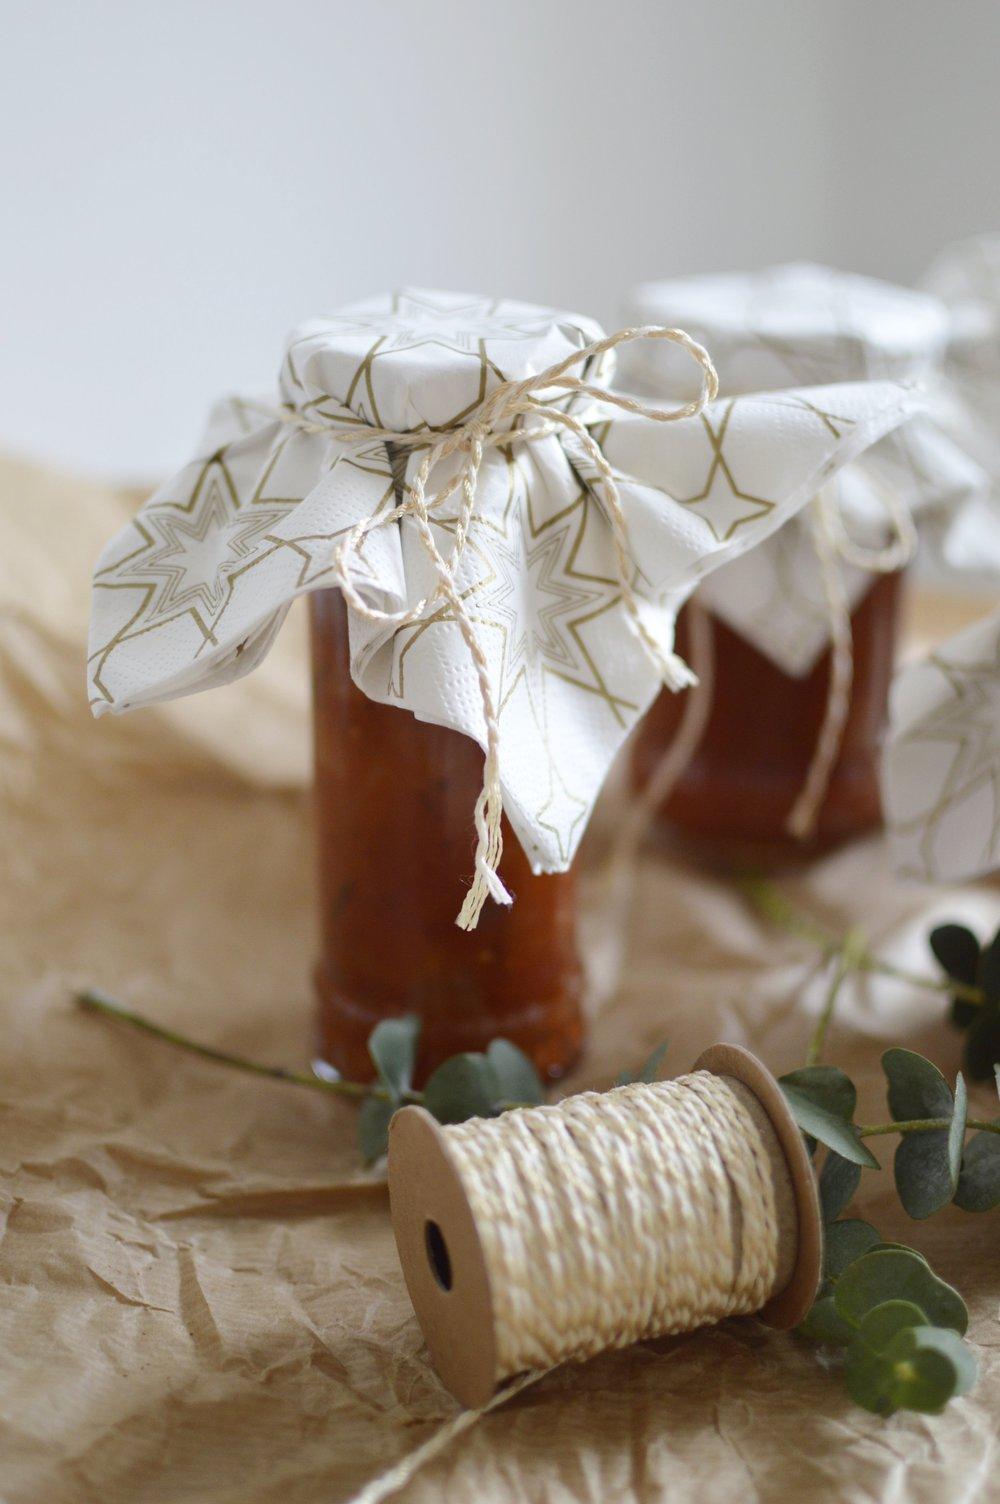 Rezept-Birnen-Tomaten-Chutney-Selbstgemacht-Last-Minute-Weihnachtsgeschenk